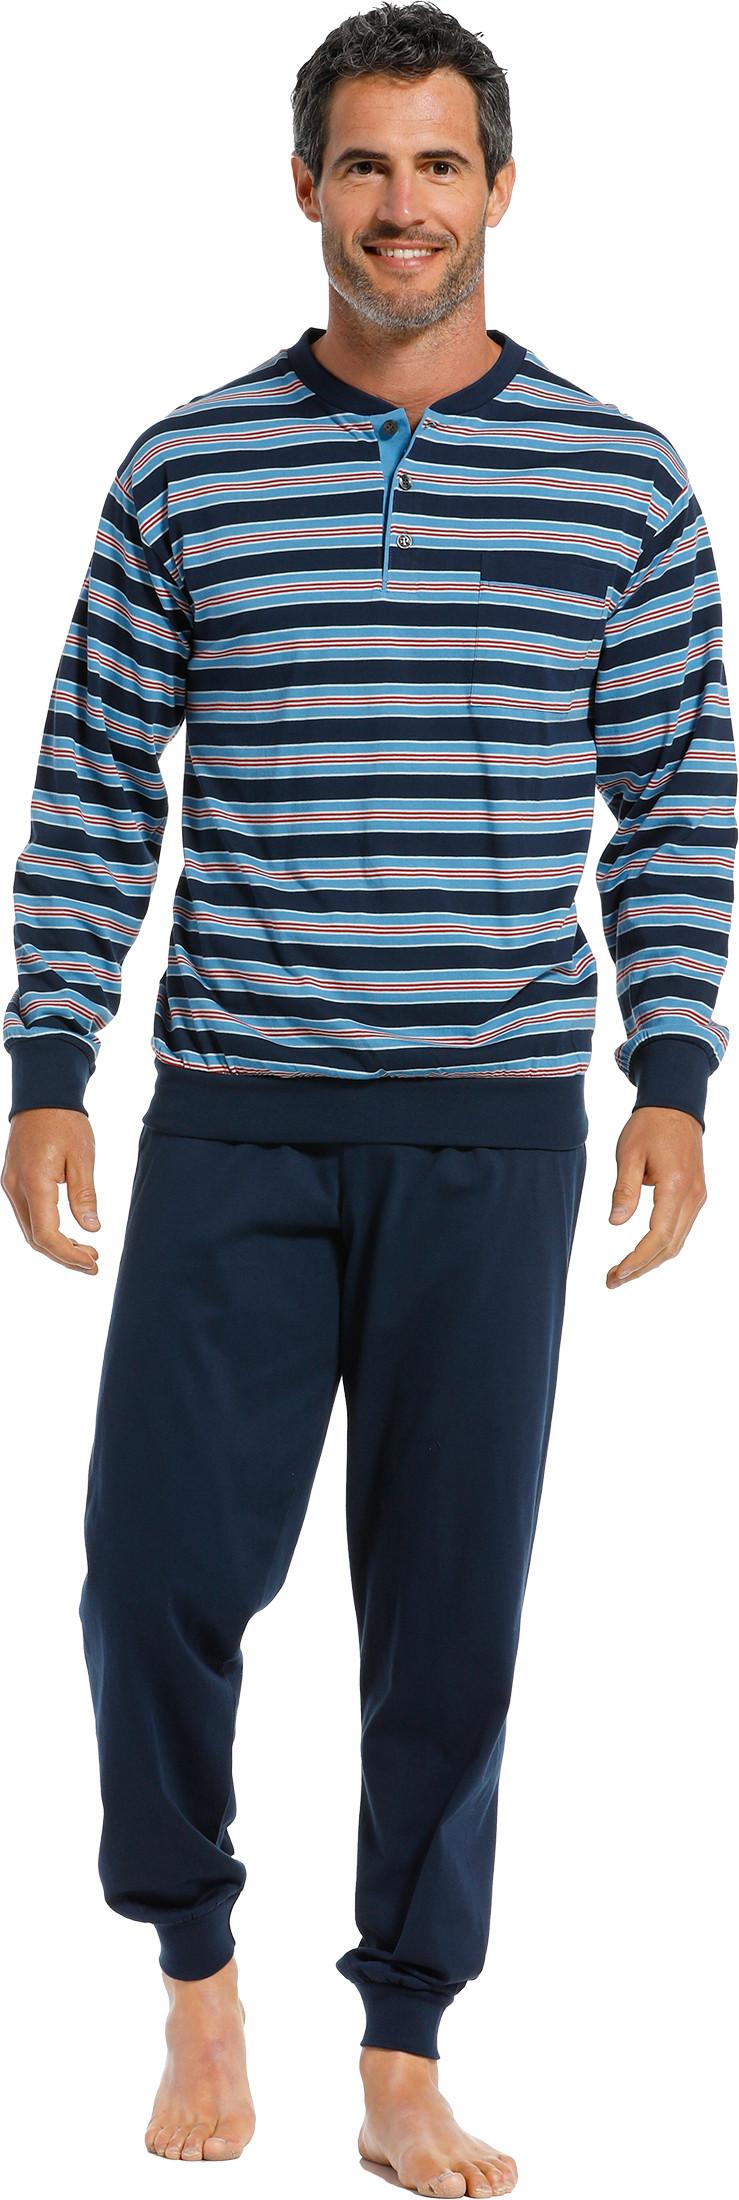 Heren pyjama Robson 27211-703-4-S/48